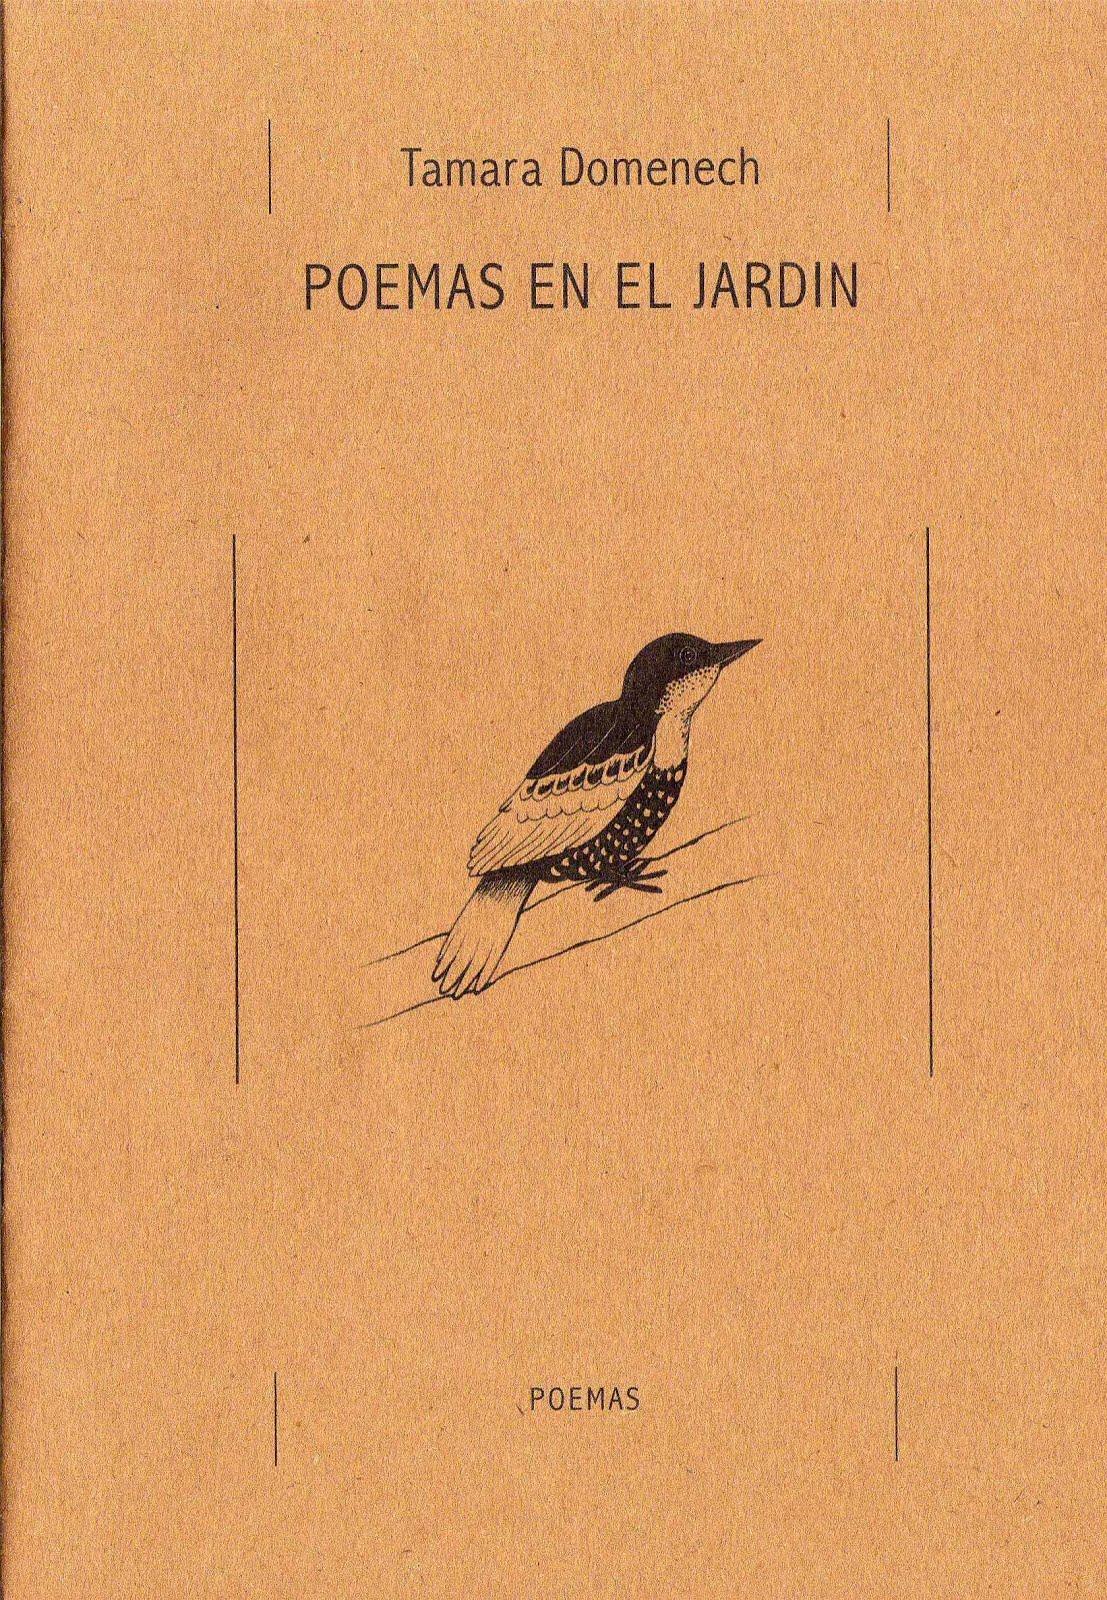 Poemas en el jardín. Zorra Poesía. 2009.